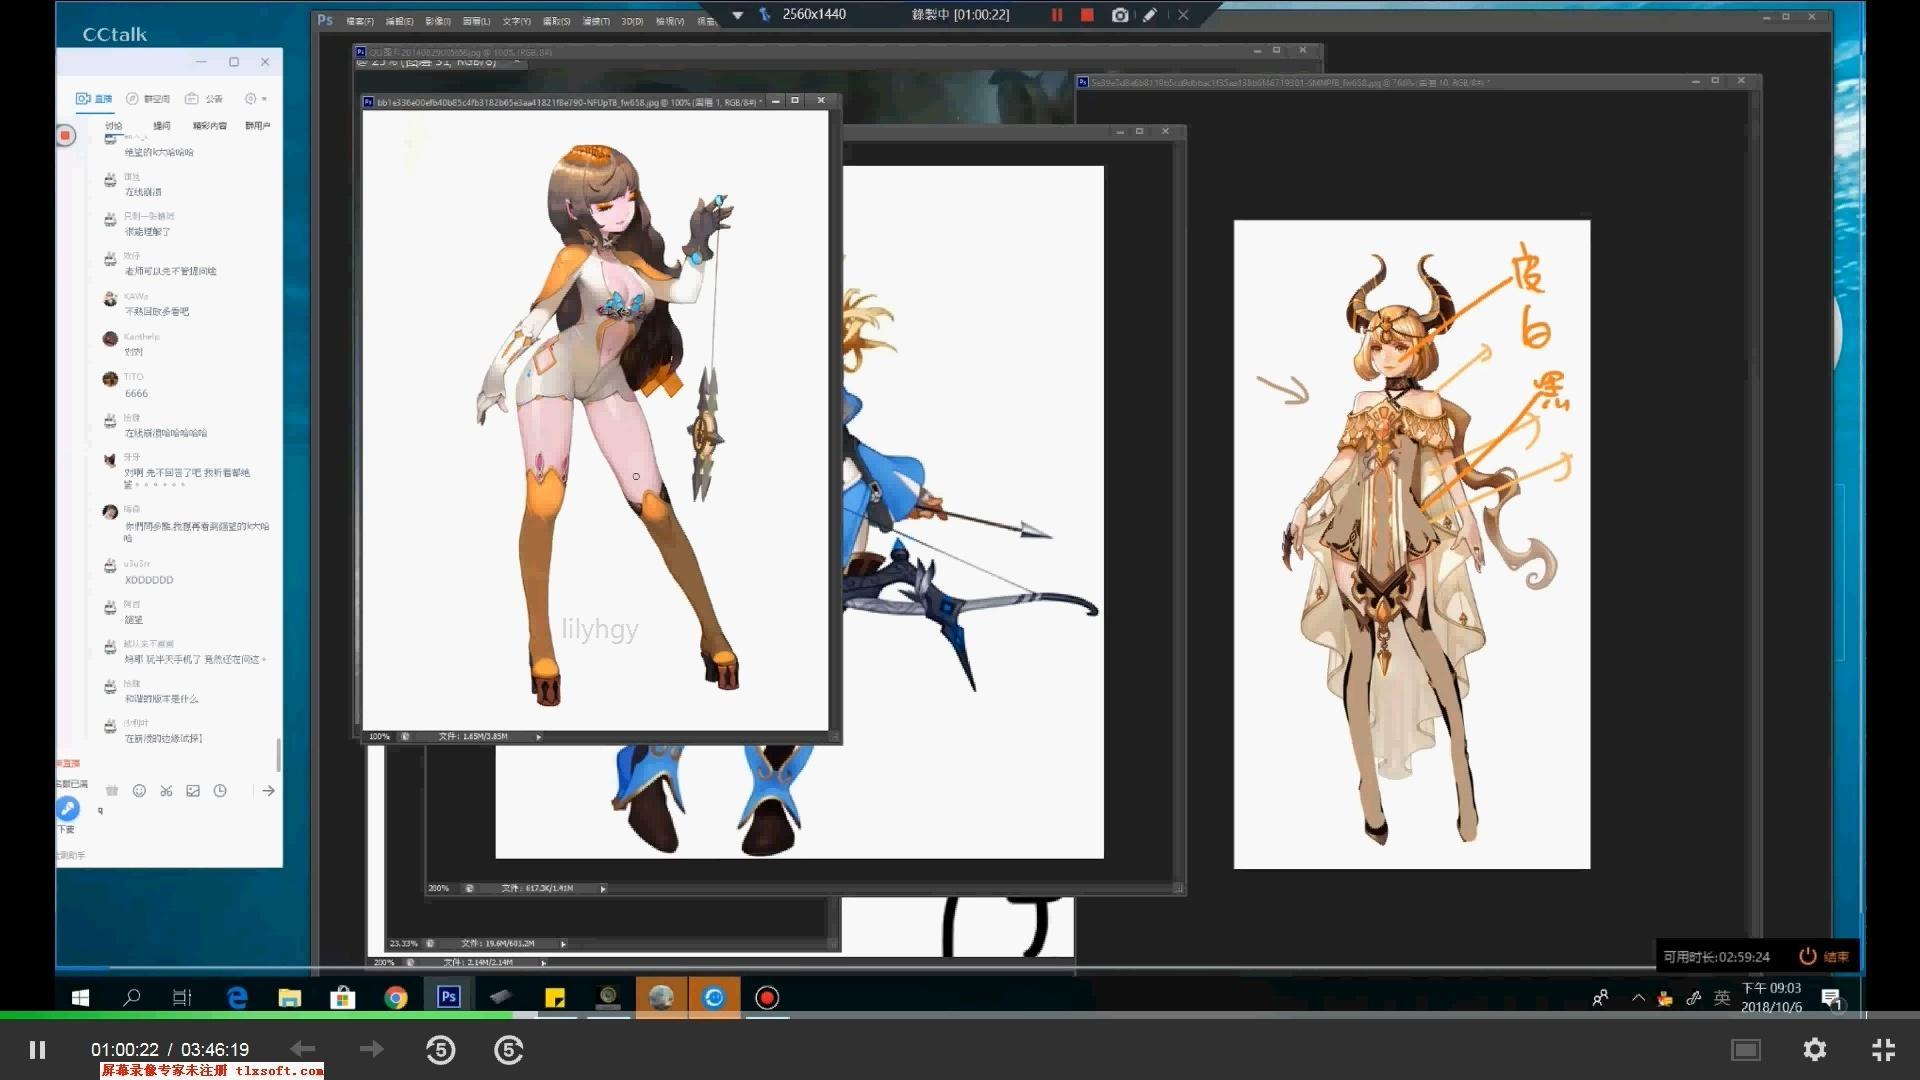 原画绘画教程-Krenz K大原画绘画色彩视频课程 8课 25GB(5)